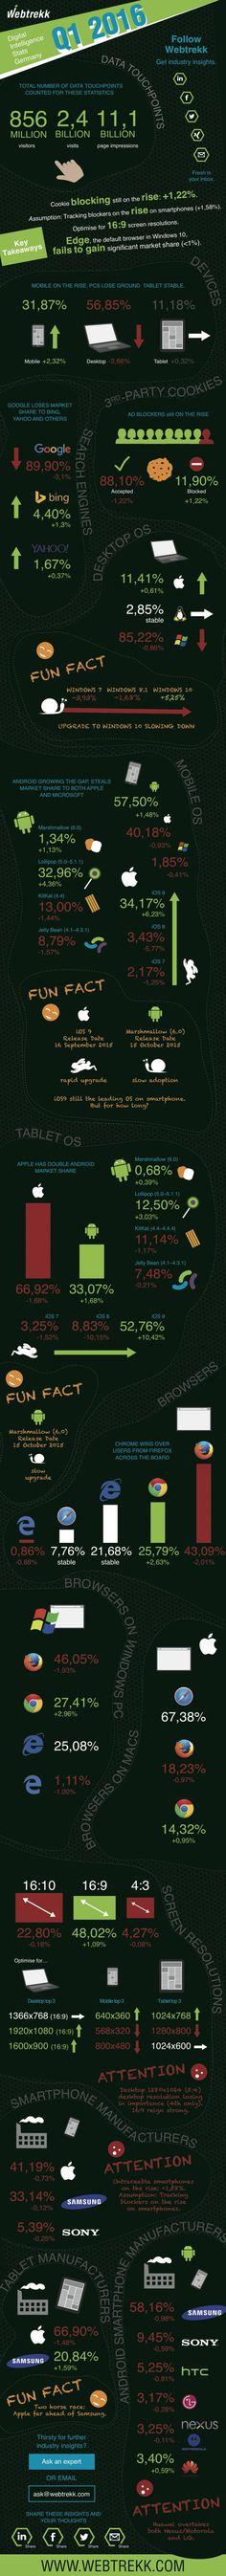 So surft Deutschland: Aktuelle Daten zu Geräten, Browsern und mehr #Infografik #Deutschland